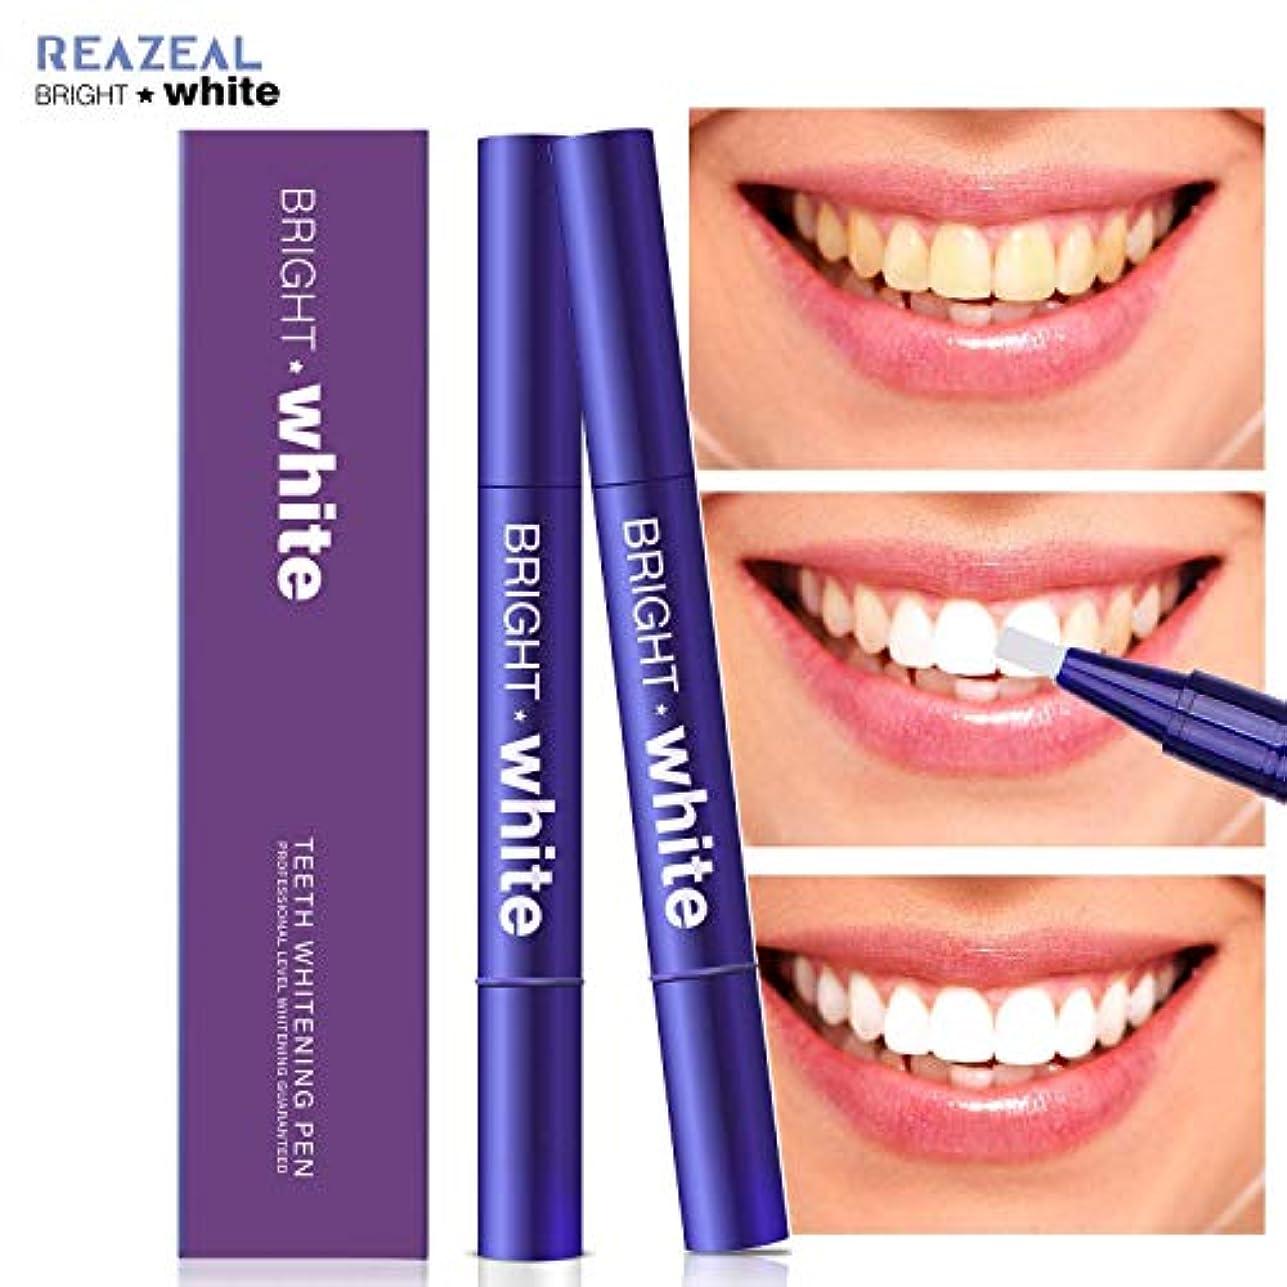 希少性惨めな休み歯 ホワイトニング 歯磨き粉 ホワイトニング 歯 ホワイトニングペン ホワイトニングペン 歯ブラシ 輝く笑顔 口臭防止 一週間のホワイティング - 2個